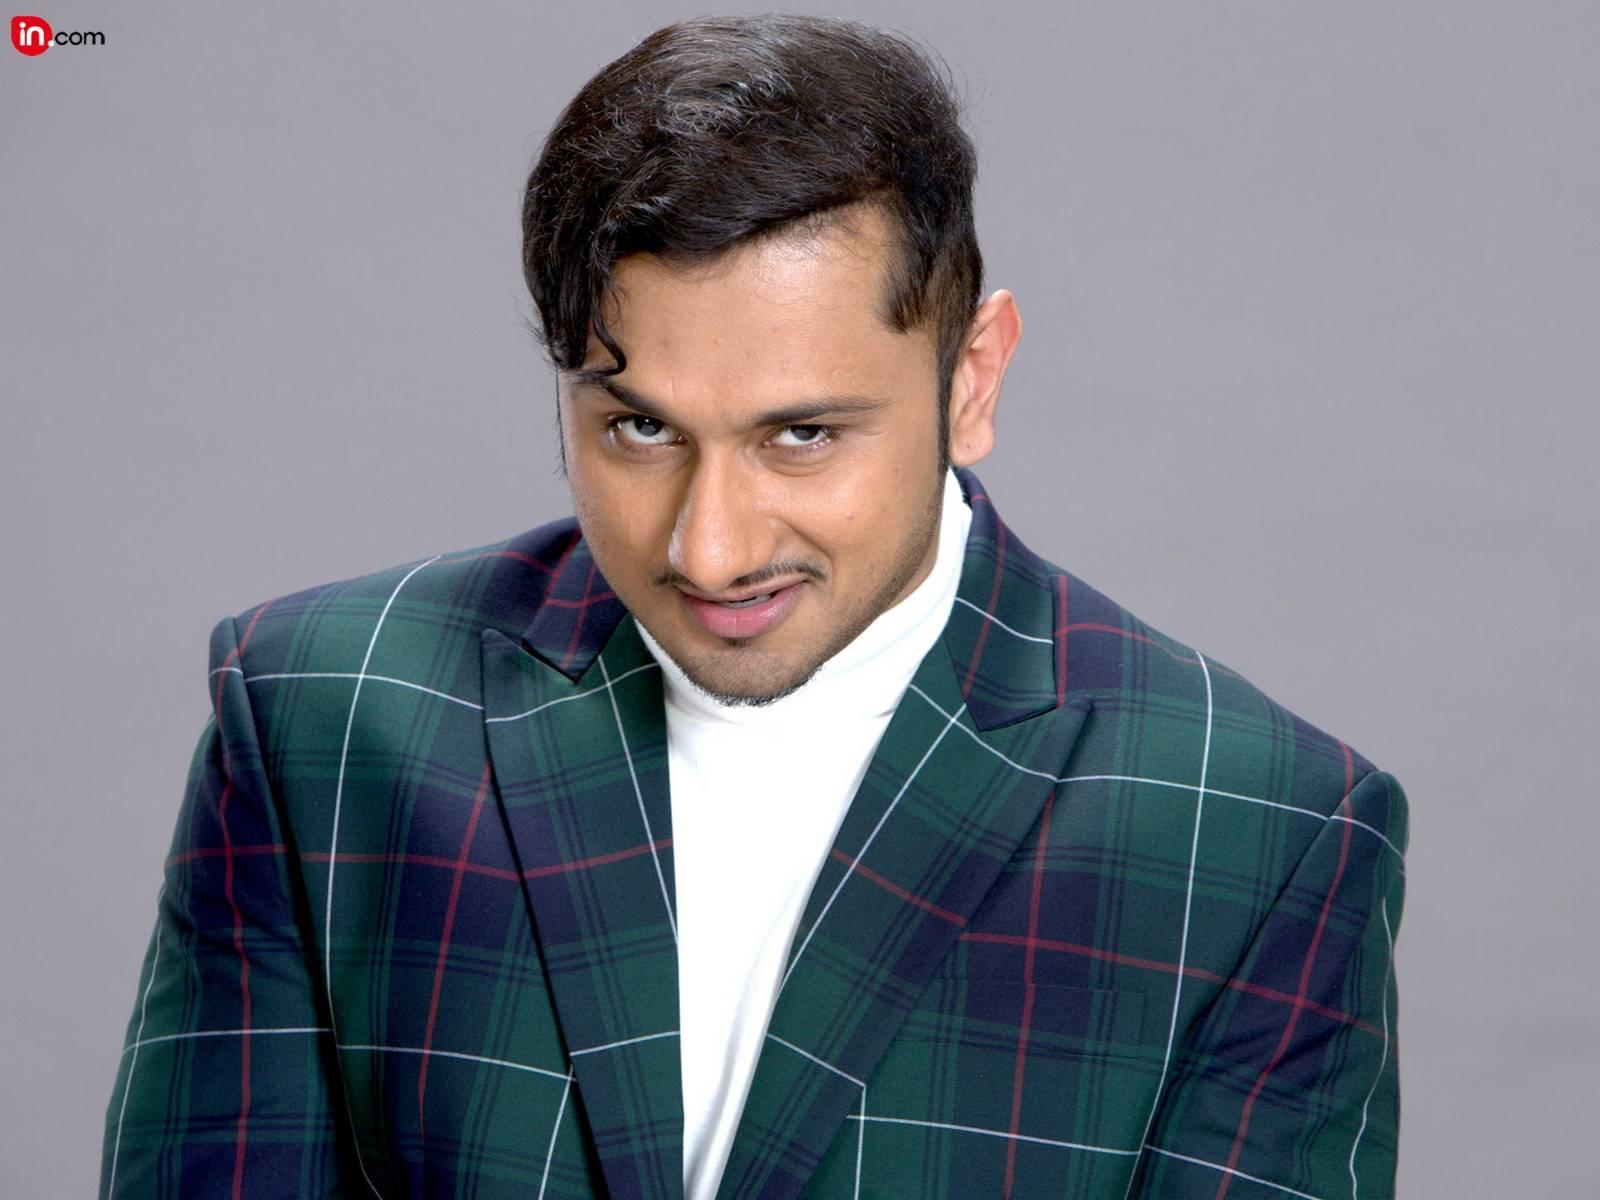 Hd wallpaper yo yo - Yo Yo Honey Singh Wallpapers Movie Hd Wallpapers